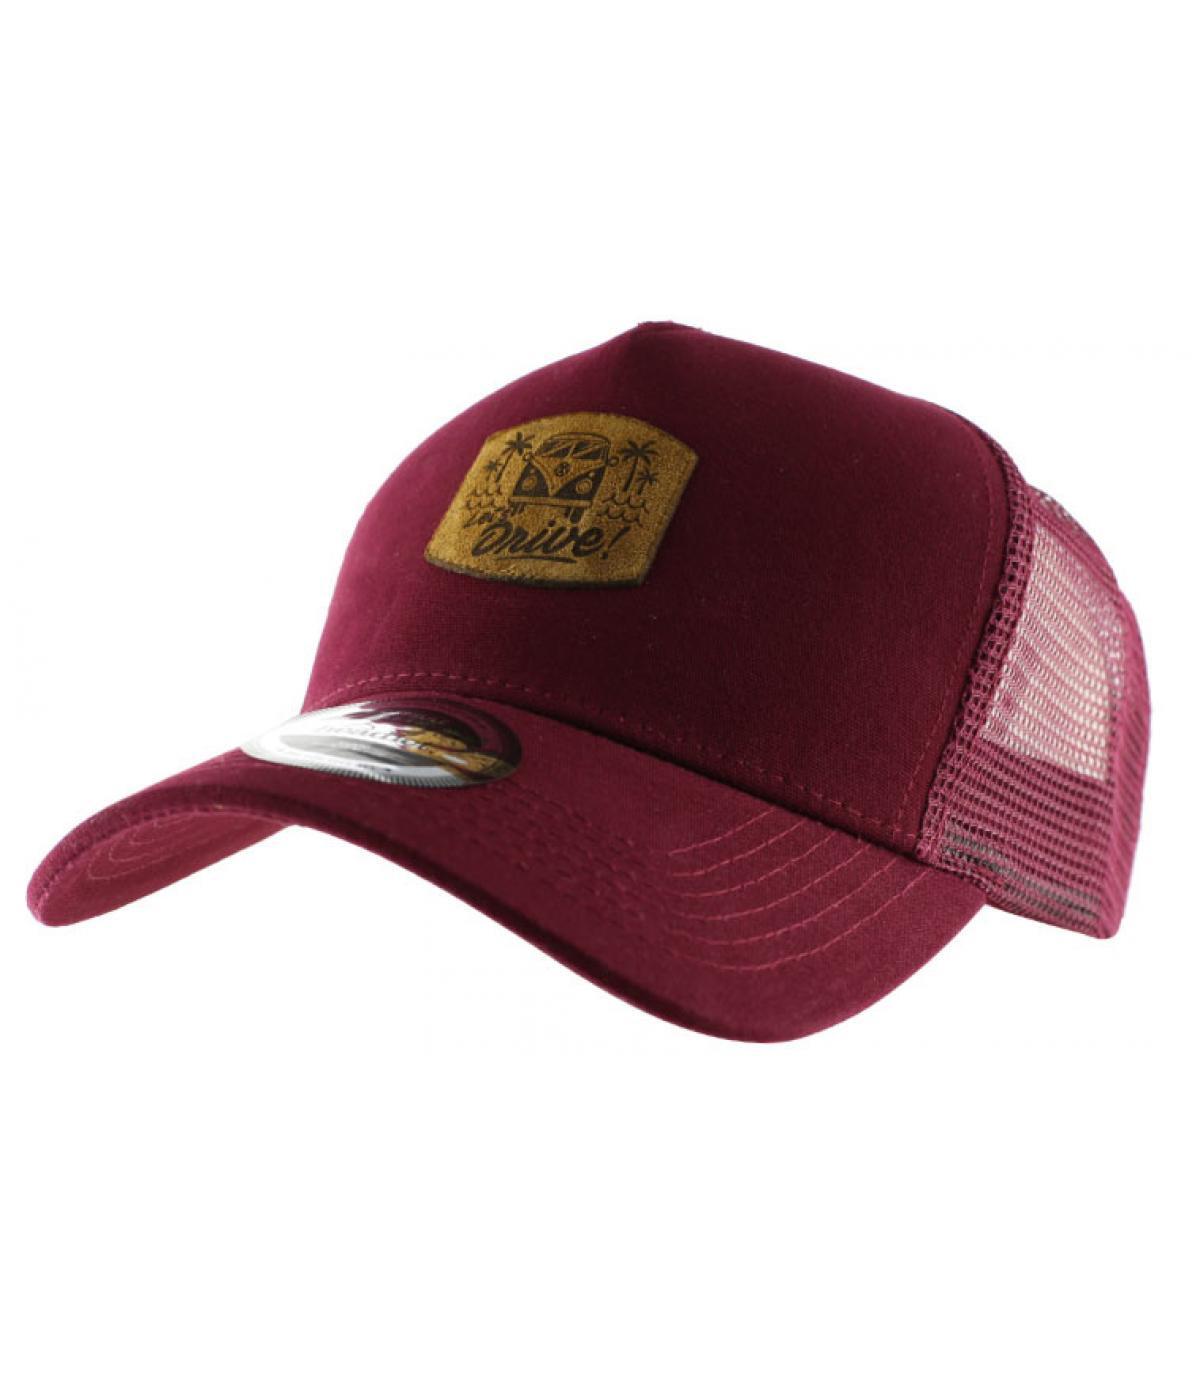 burgundy Drive curve cap